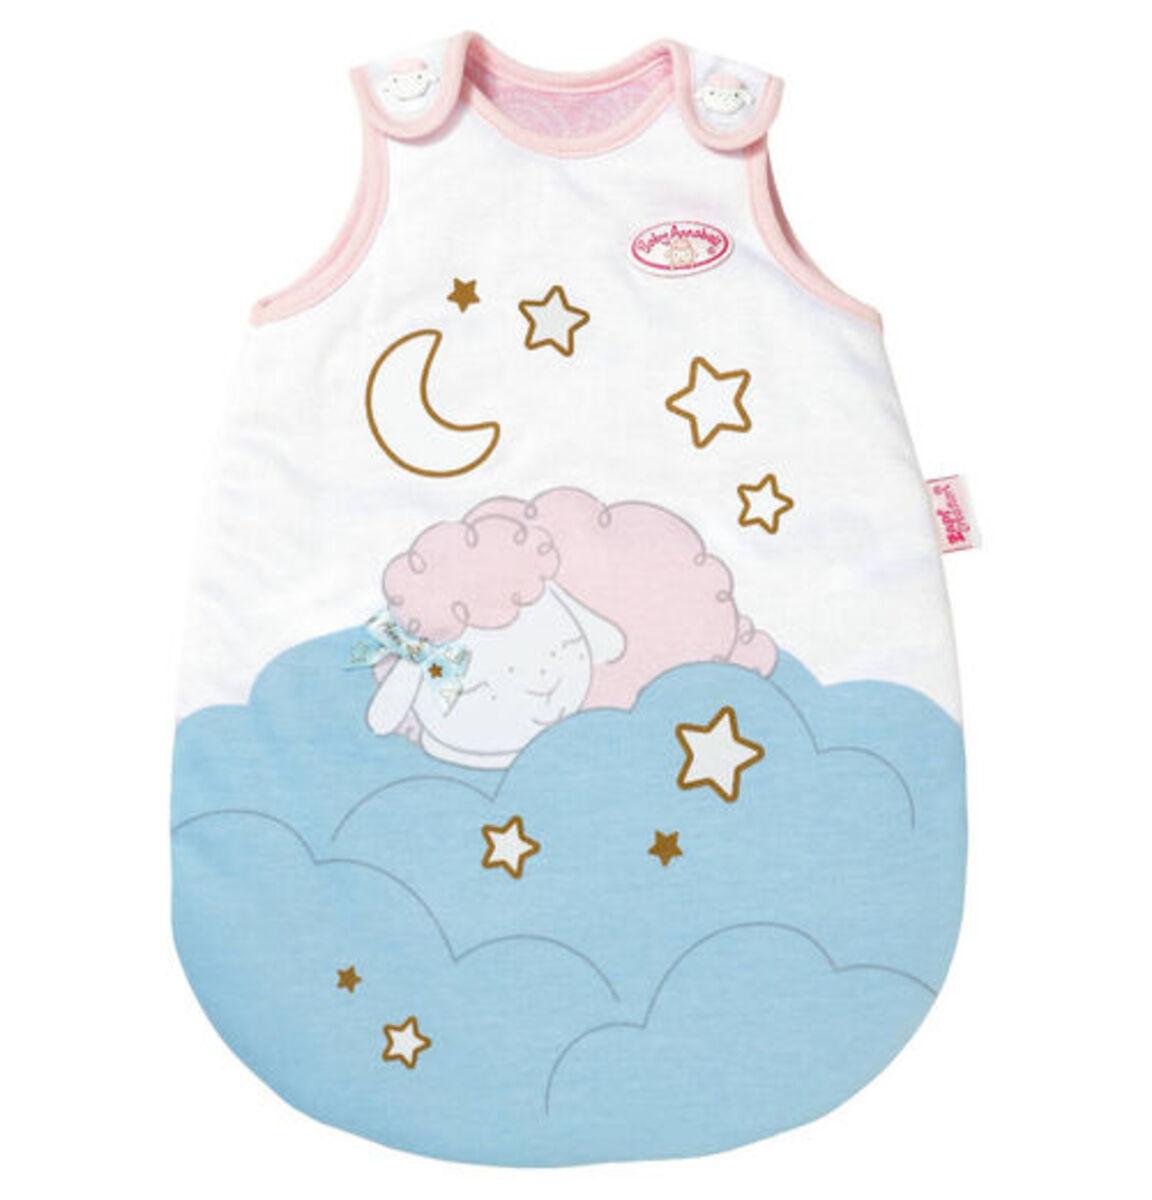 Bild 5 von Zapf Creation® Schlafsack Sweet Dreams, mehrfarbig